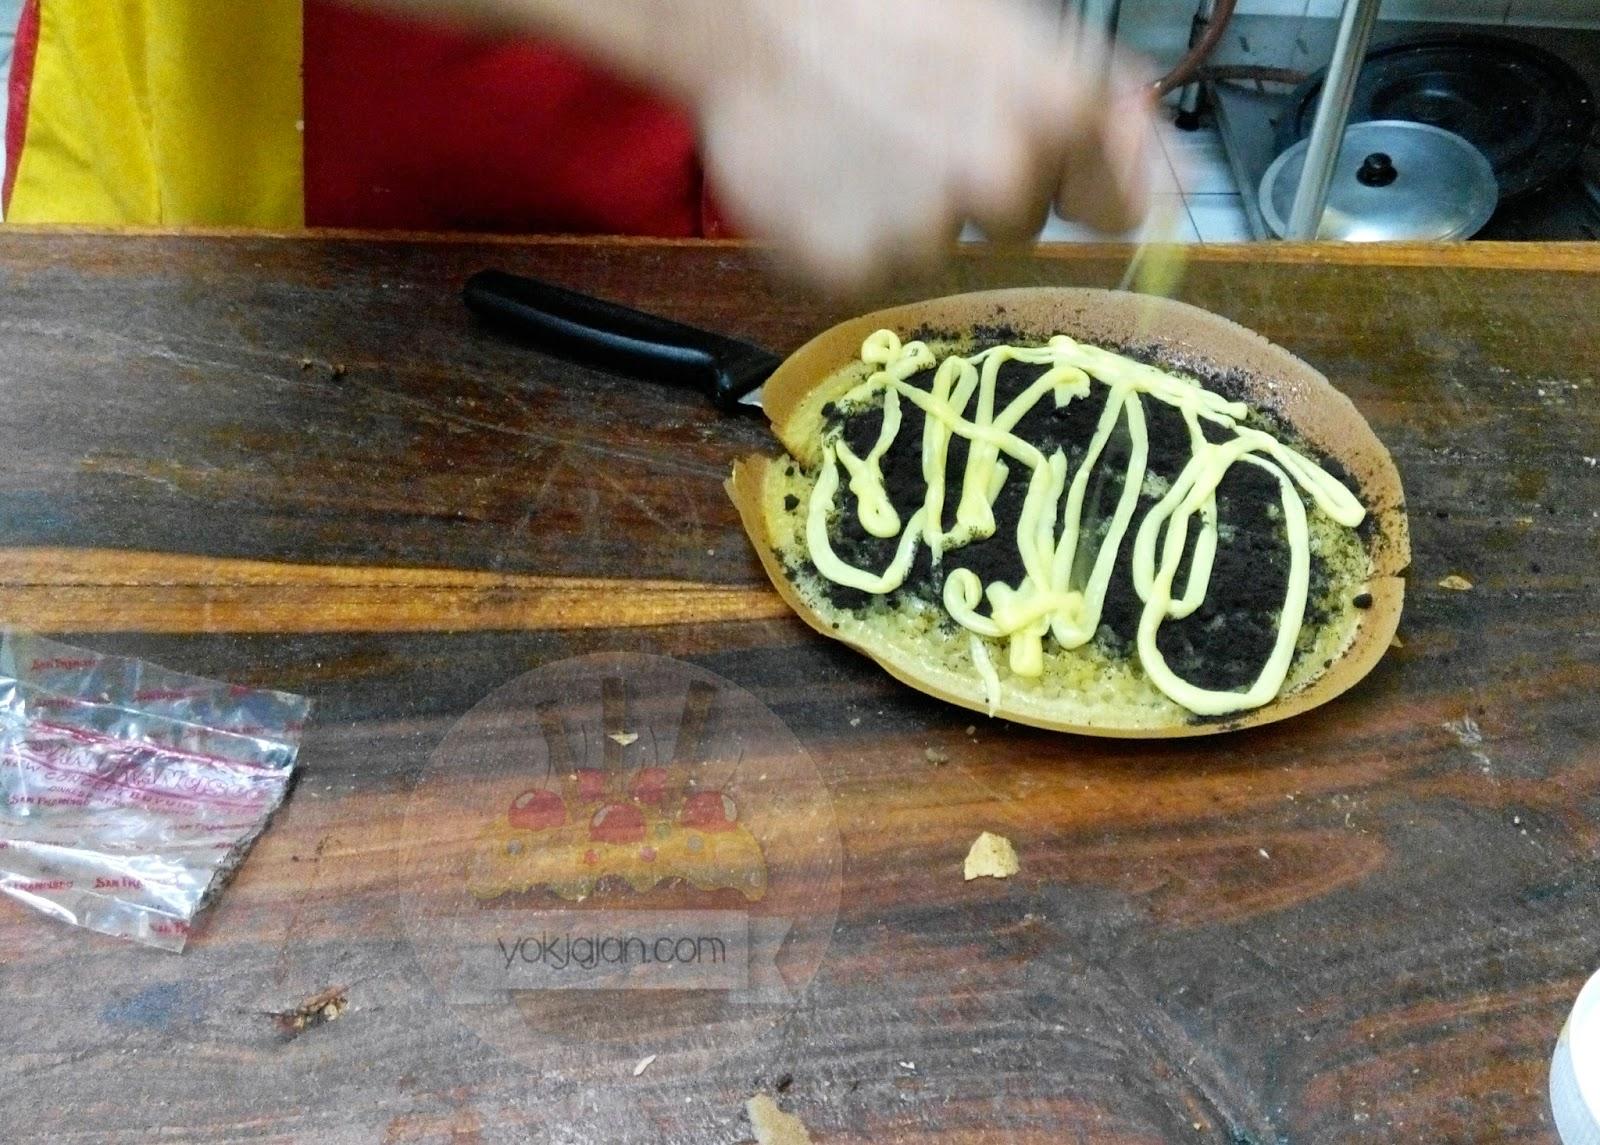 ovomaltine crunchy cream oder nutella